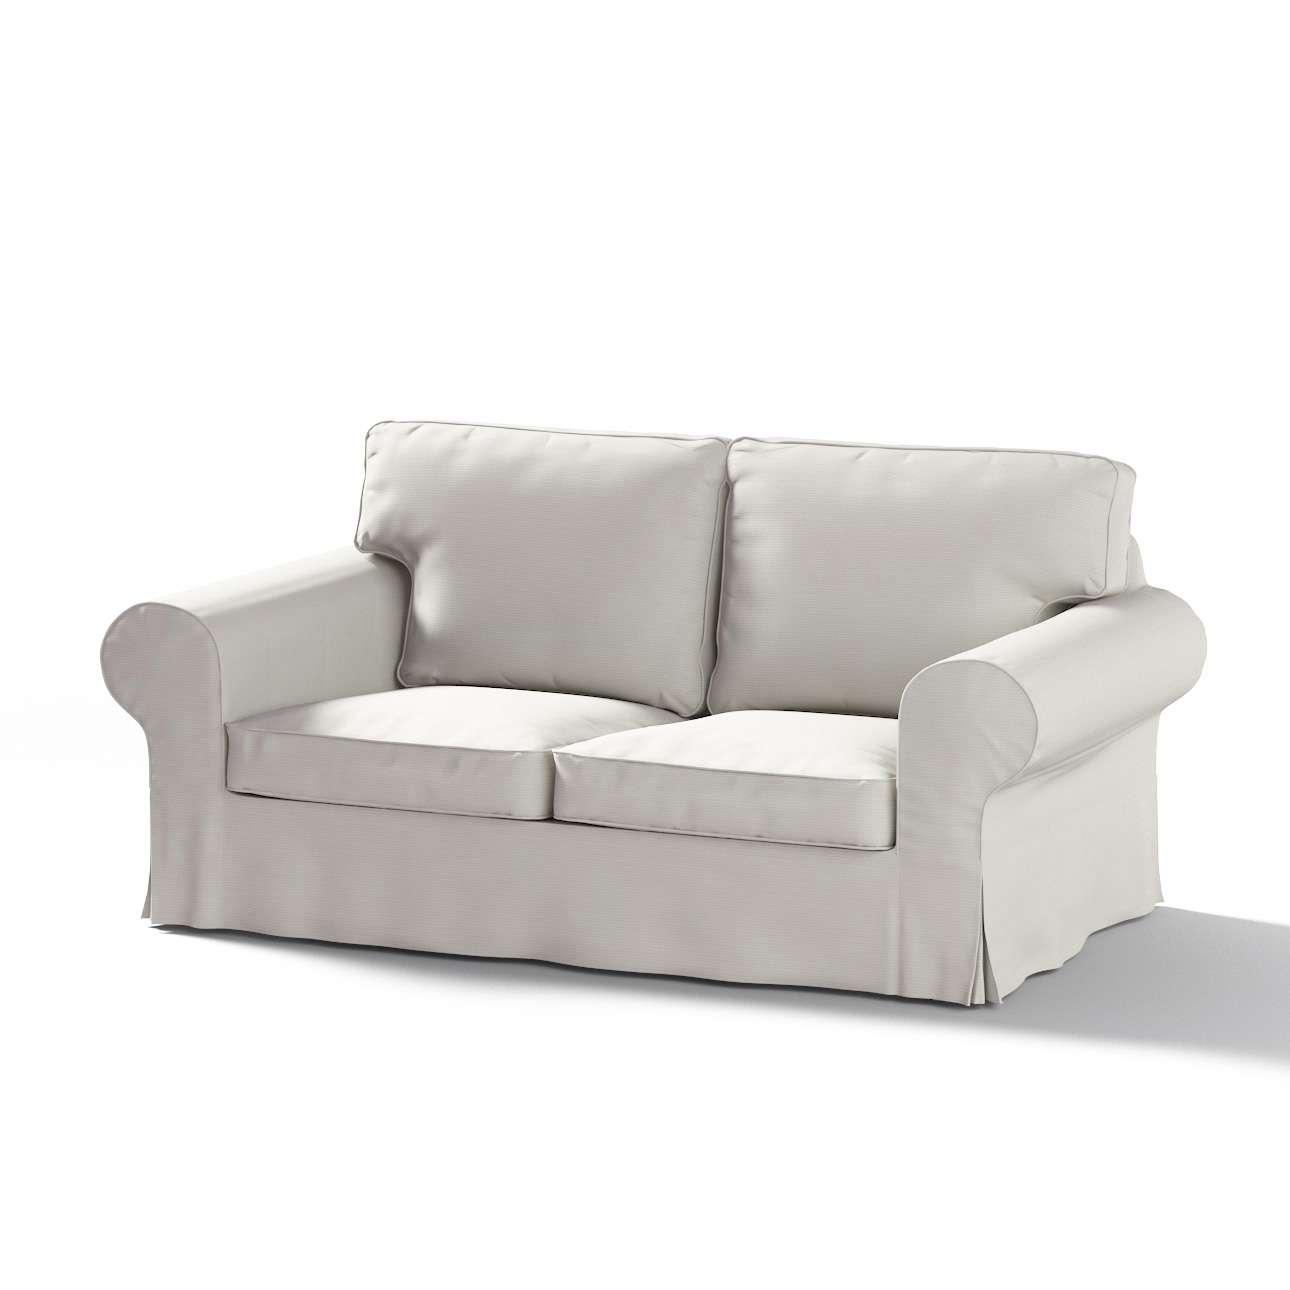 Pokrowiec na sofę Ektorp 2-osobową rozkładaną, model po 2012 w kolekcji Cotton Panama, tkanina: 702-31